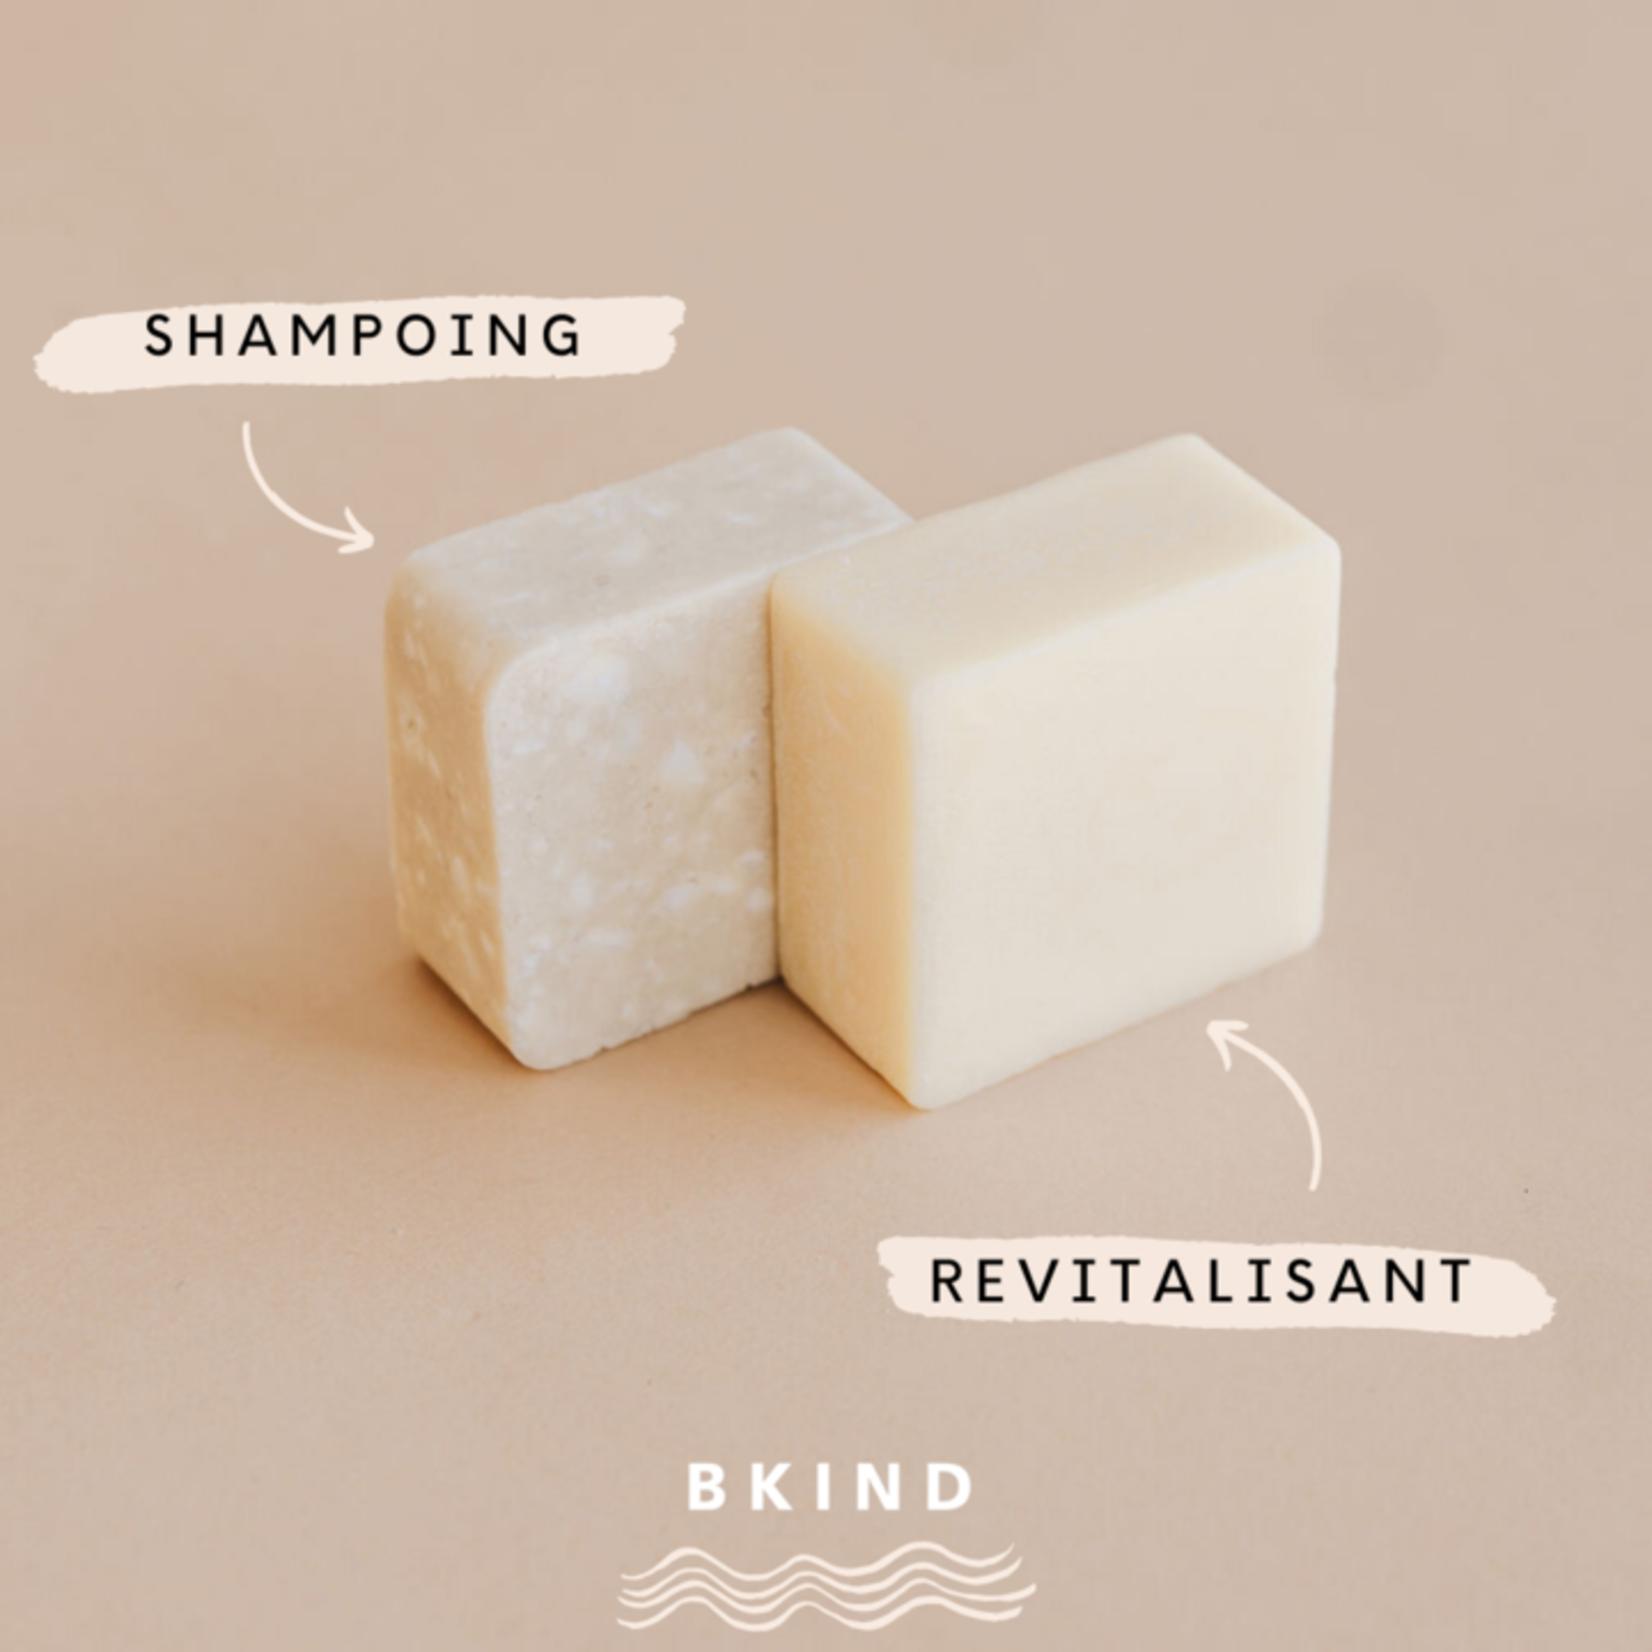 BKIND BKIND - Shampoing et revitalisant en barres et boîte de transport